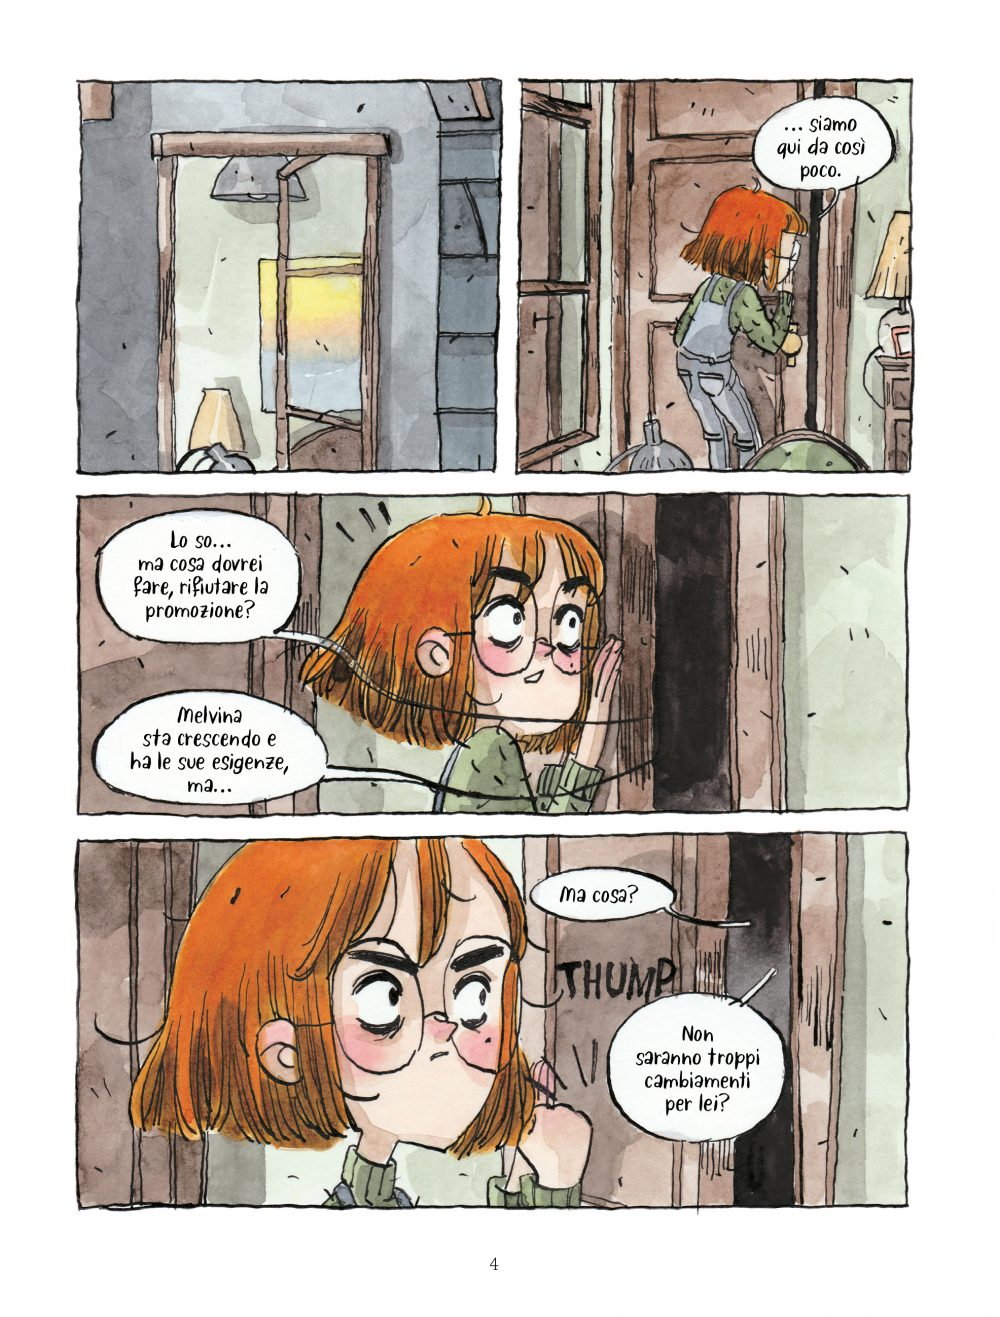 Melvina, anteprima 03